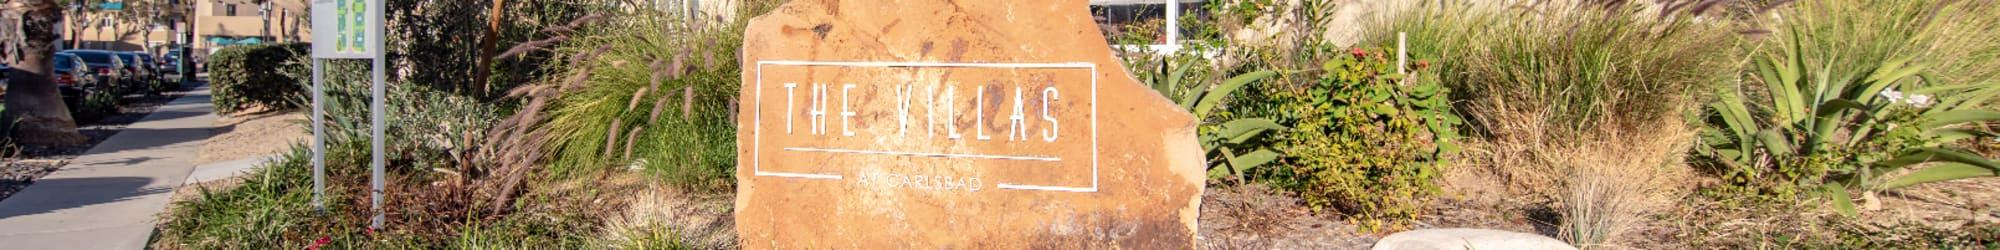 Virtual tour of Villas at Carlsbad in Carlsbad, California